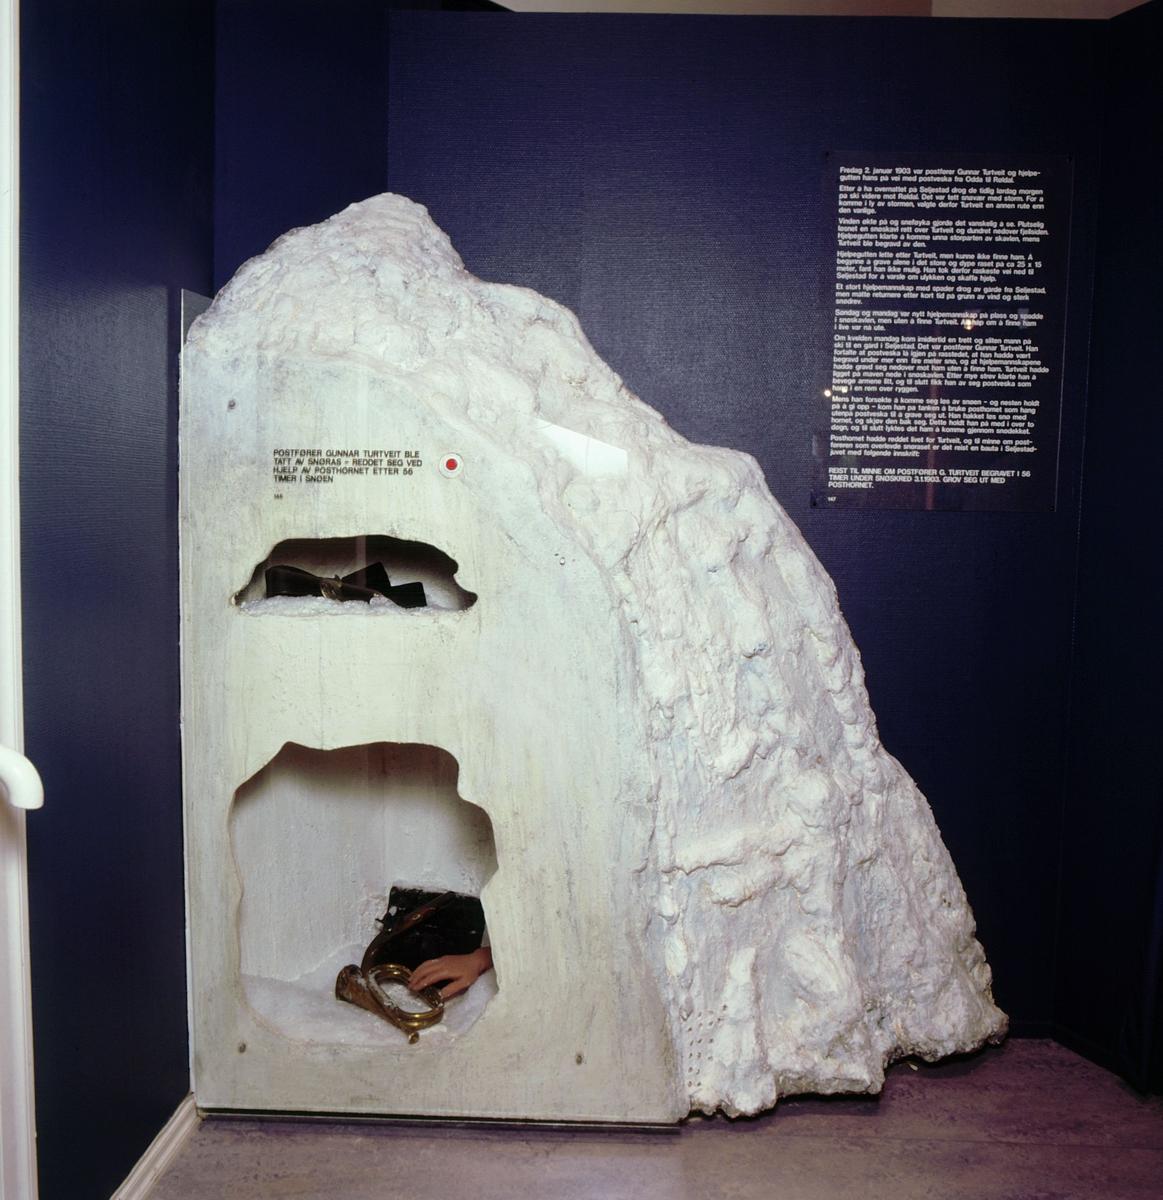 postmuseet, Kirkegata 20, utstilling, Gunnar Turtveit